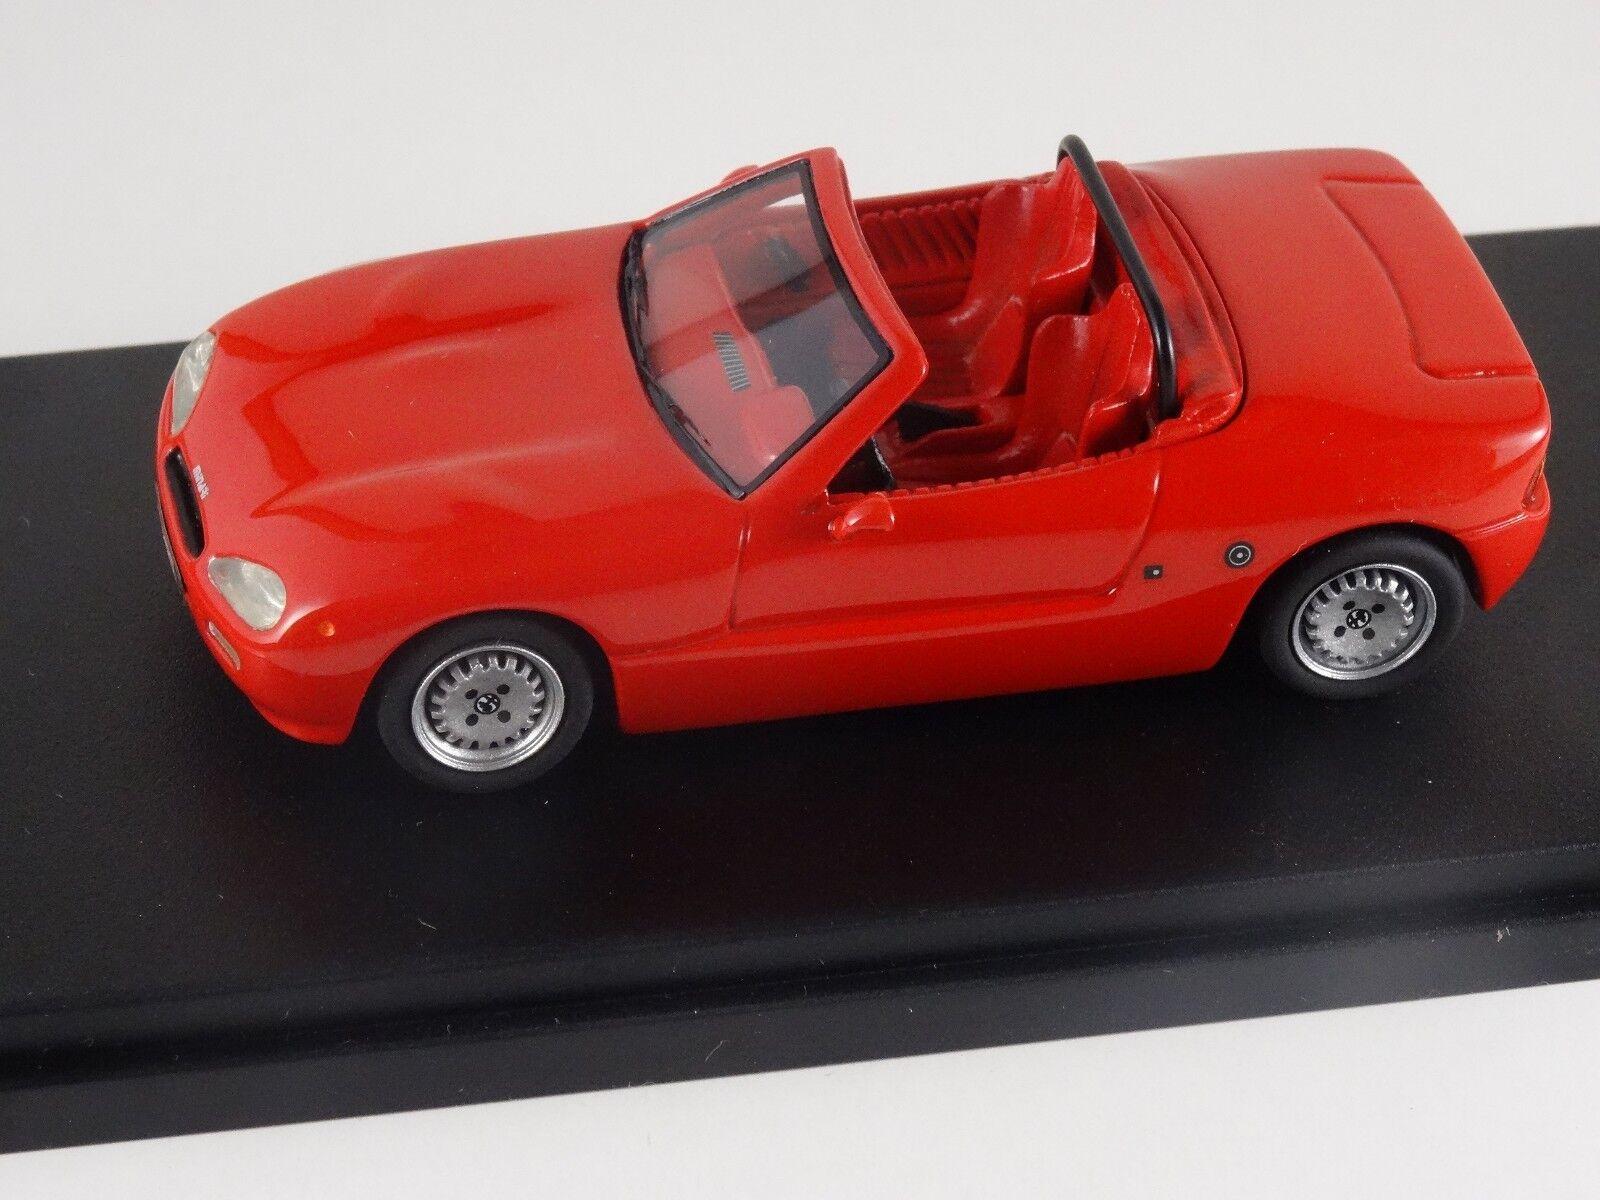 ALEZAN MODELS . 1/43 . MINARI ALFA ROMEO ROAD ROAD ROAD SPORT . 1996 . 48a0d8